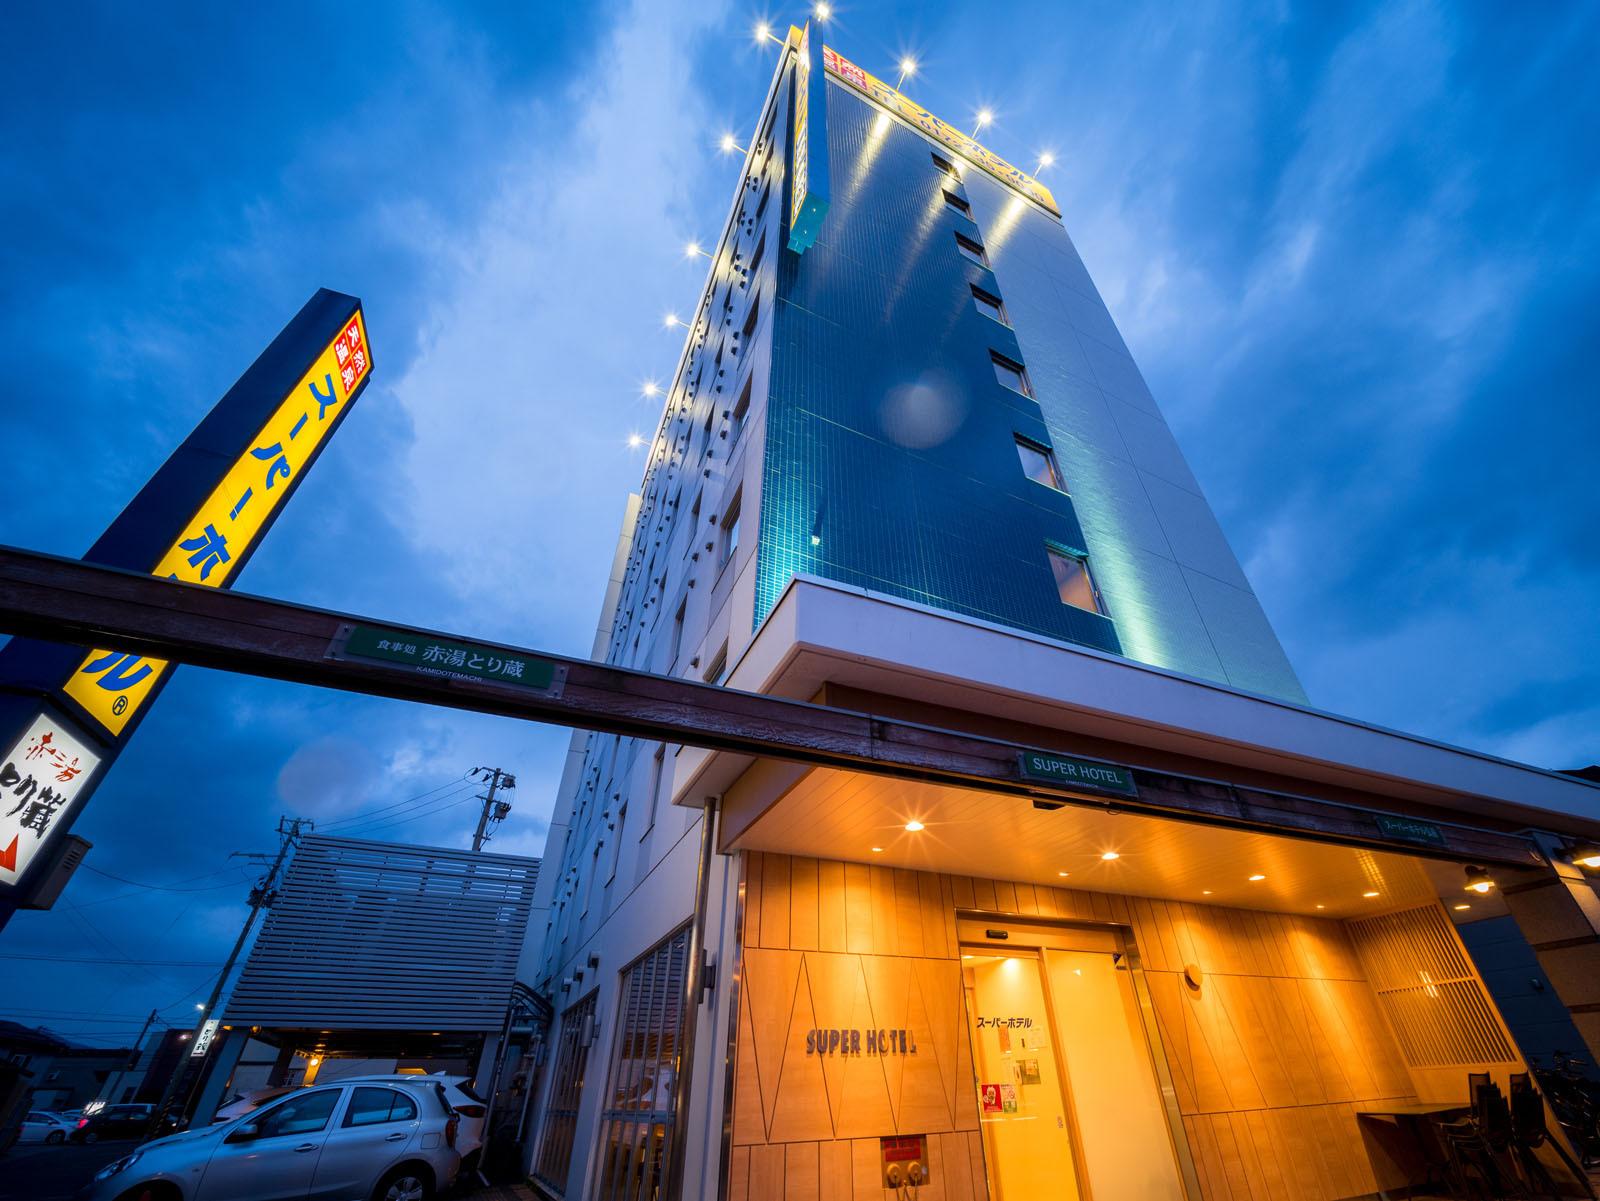 スーパーホテル 弘前◆楽天トラベル